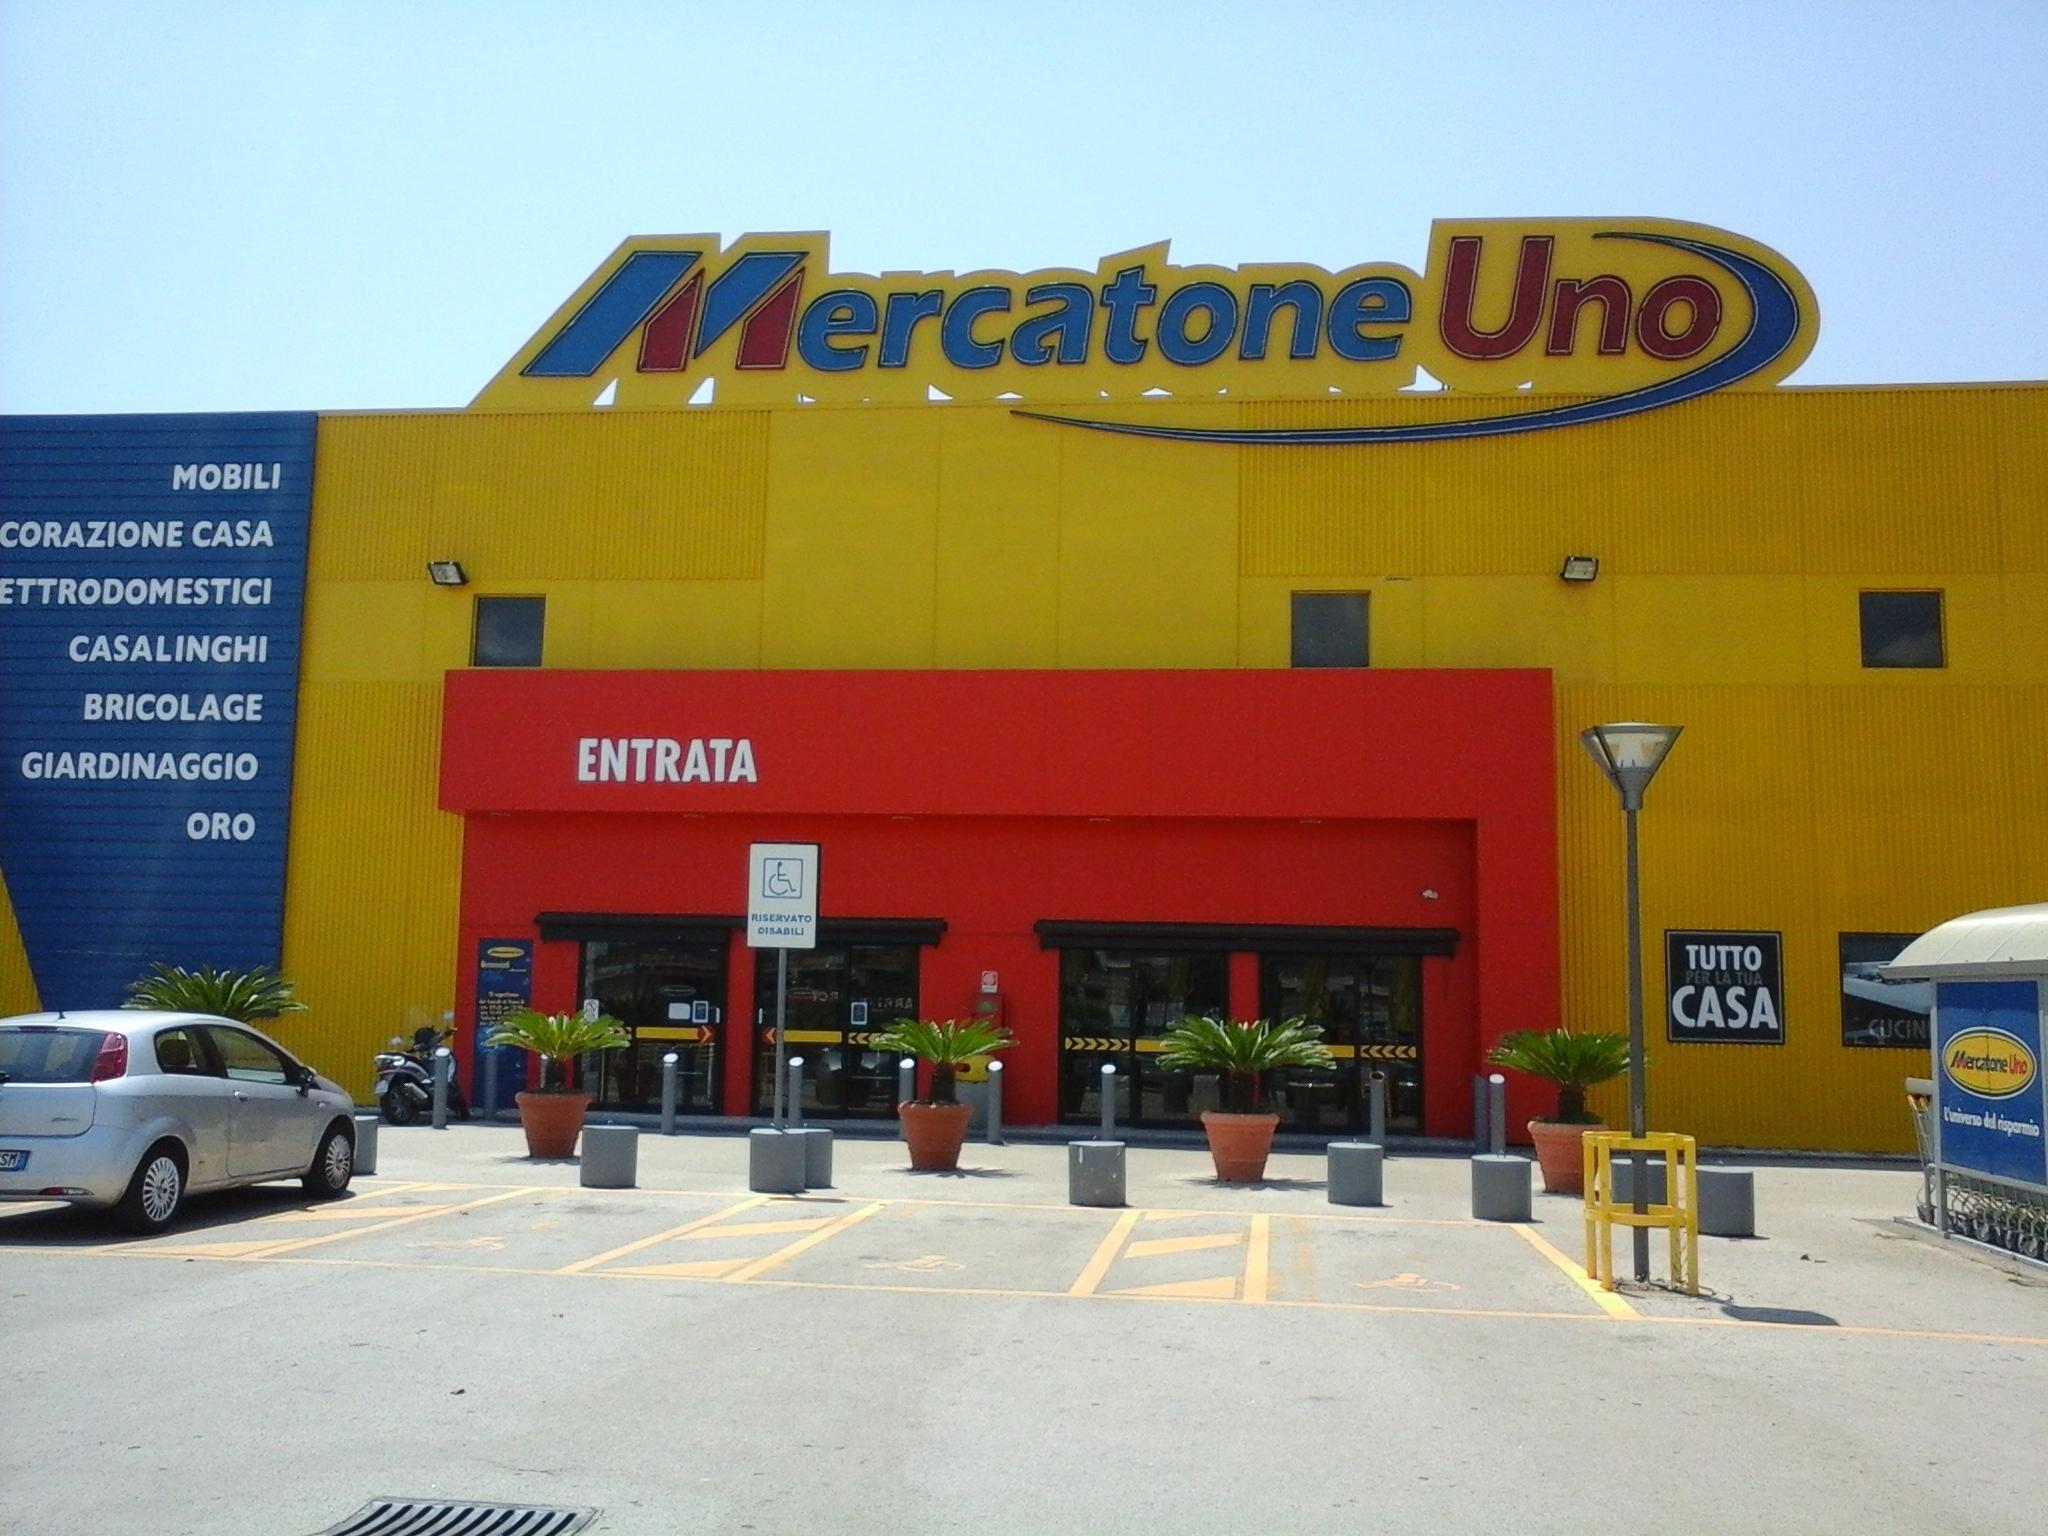 Mercatone uno a rischio dipendenti in tutta italia for Mercatone uno palermo camerette